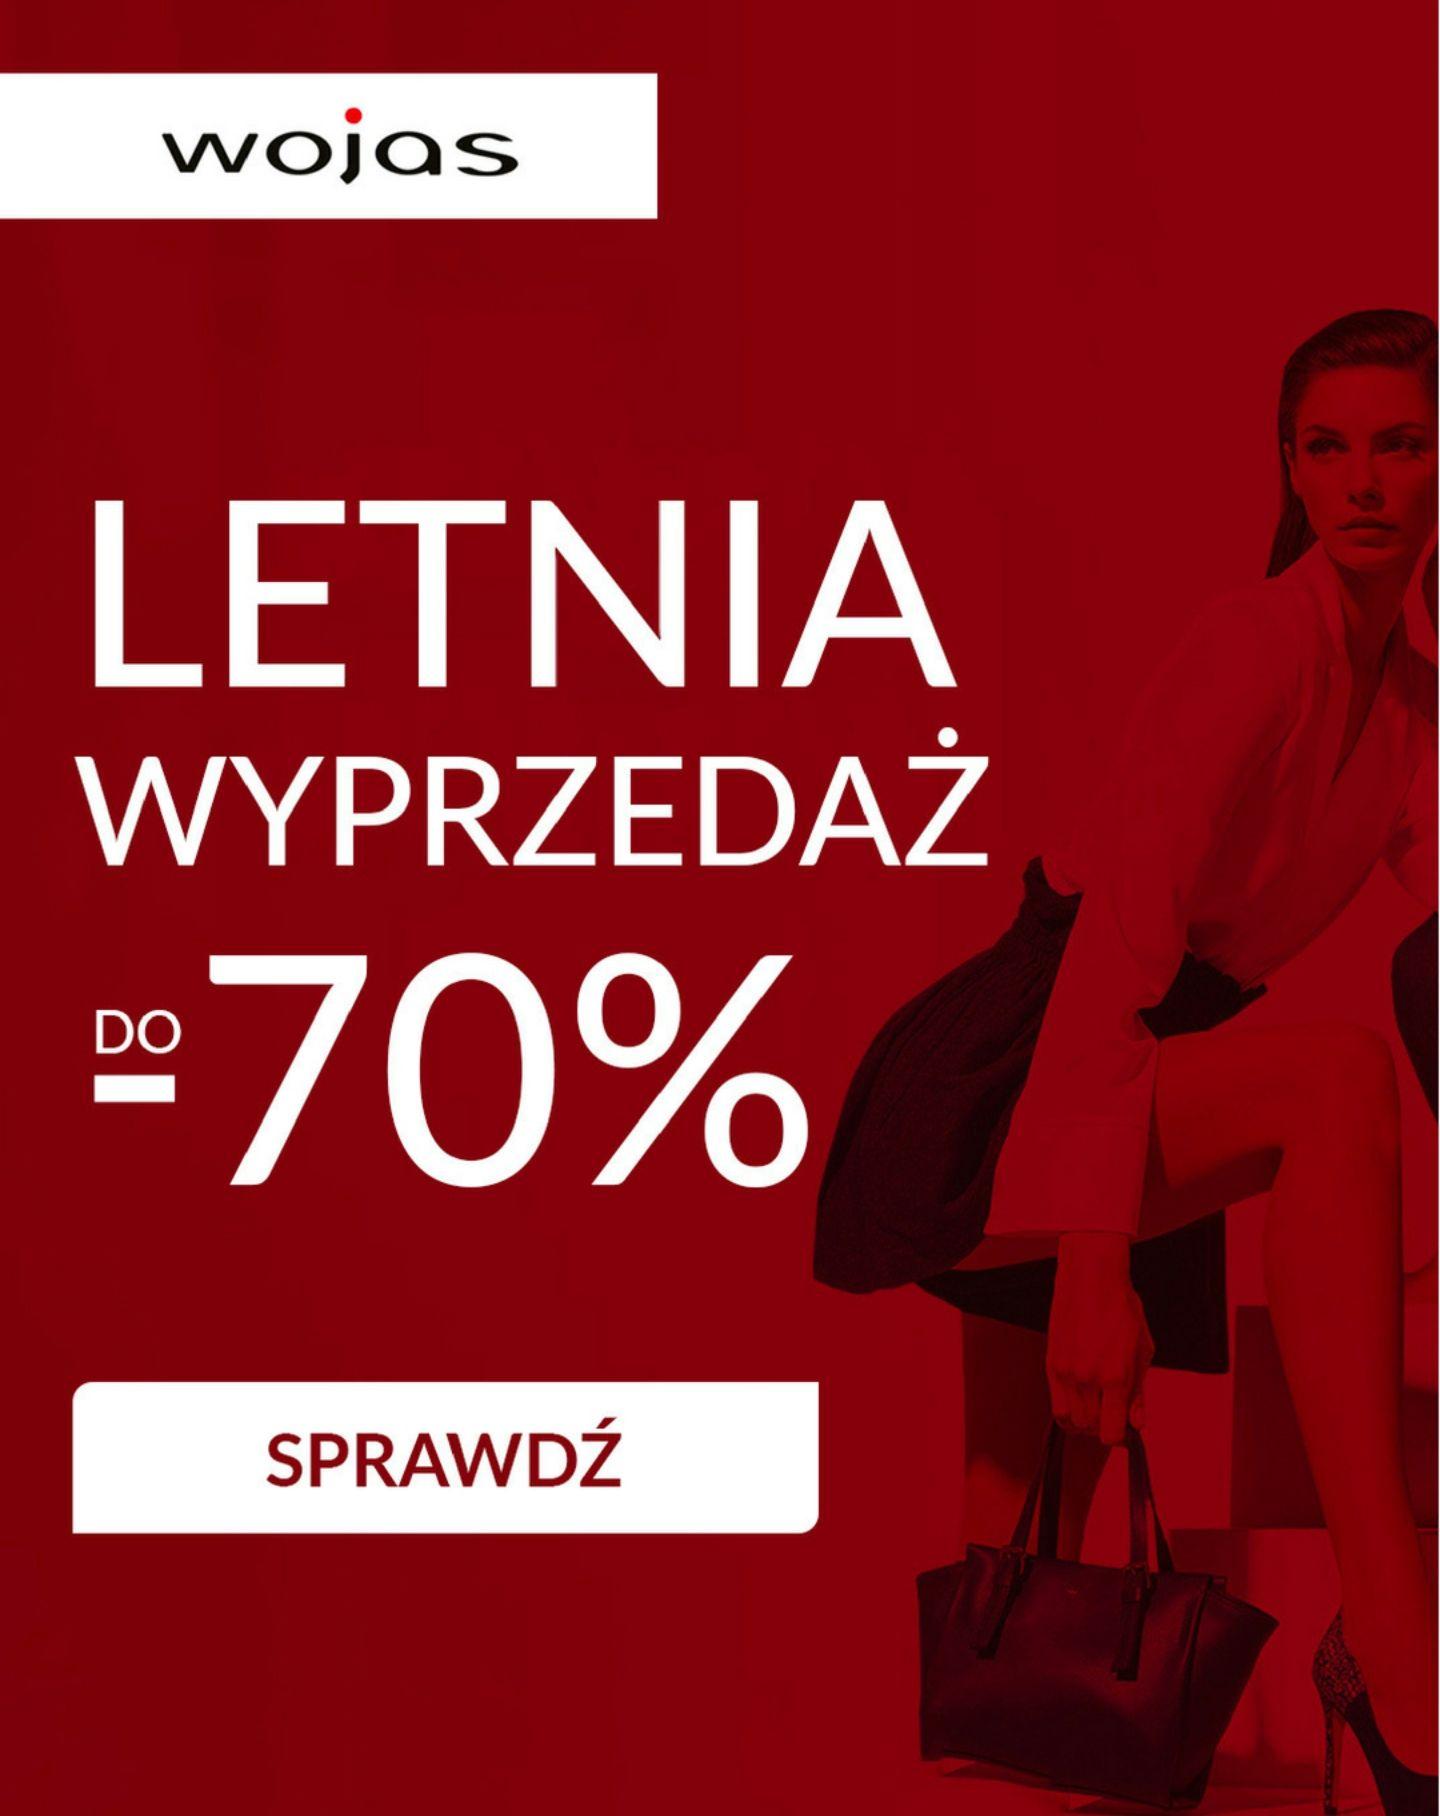 Letnia wyprzedaż do - 70% w sklepie Wojas